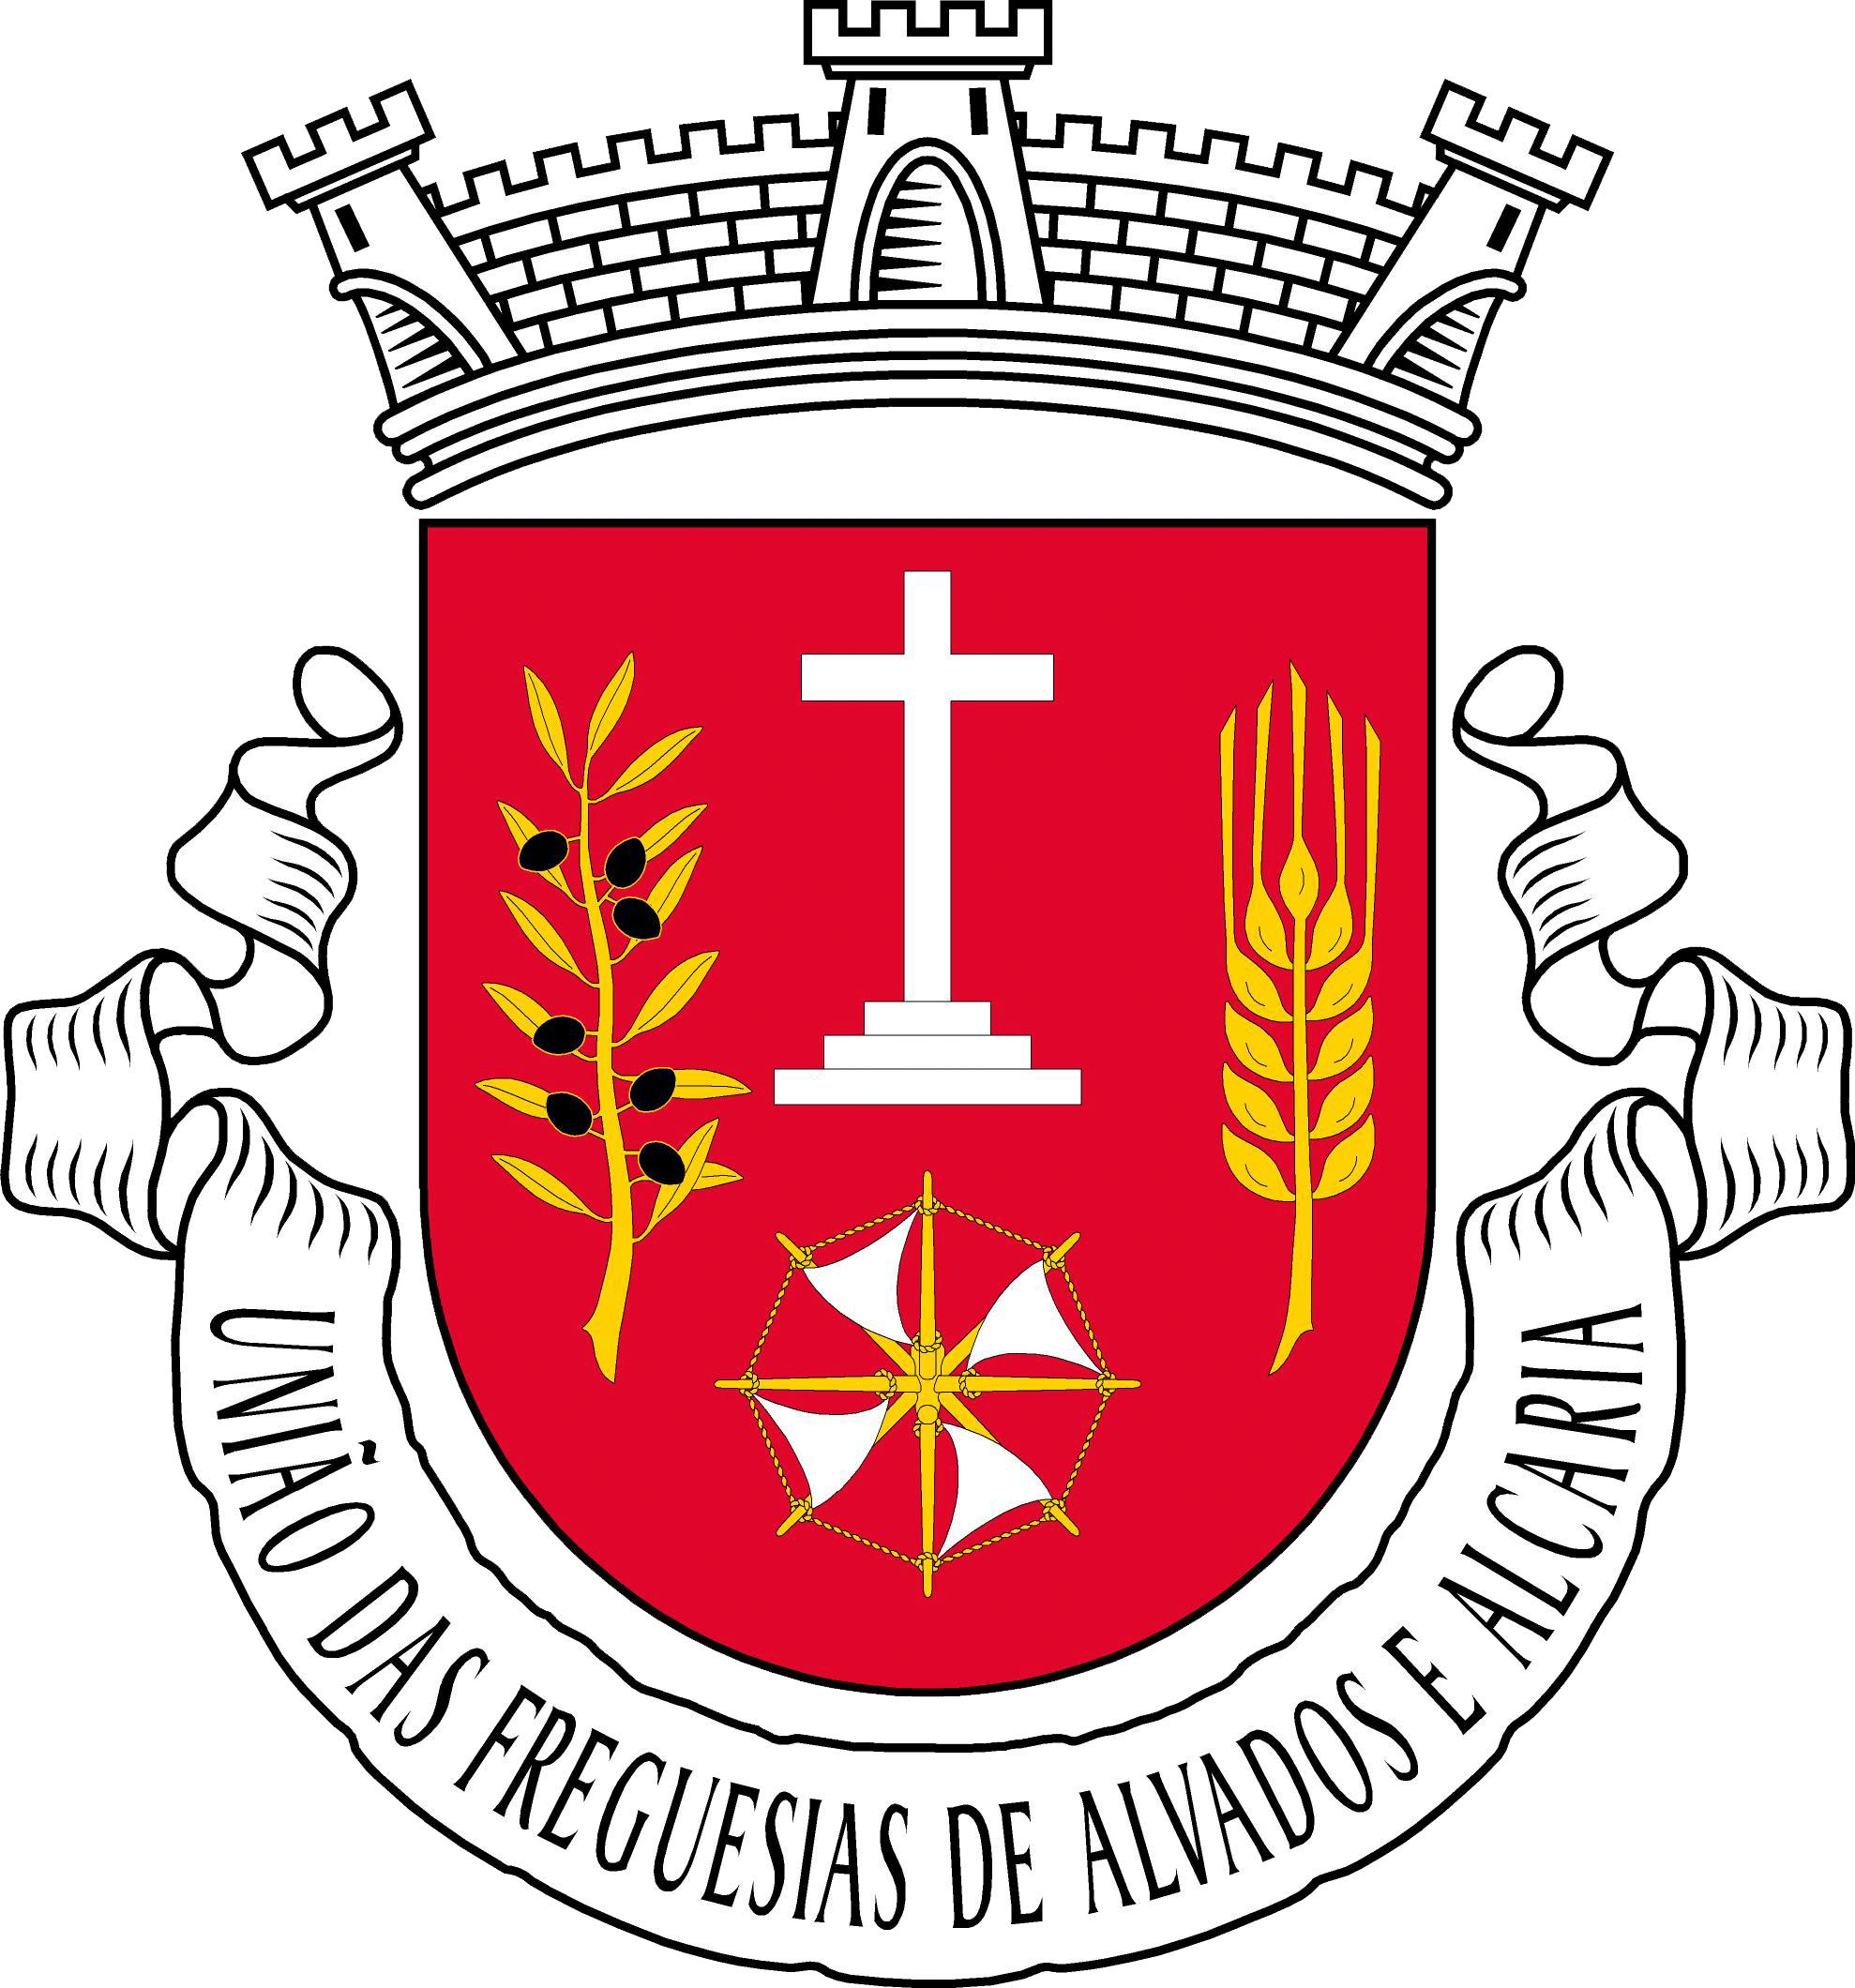 Freguesias-Alvados-Alcaria.png